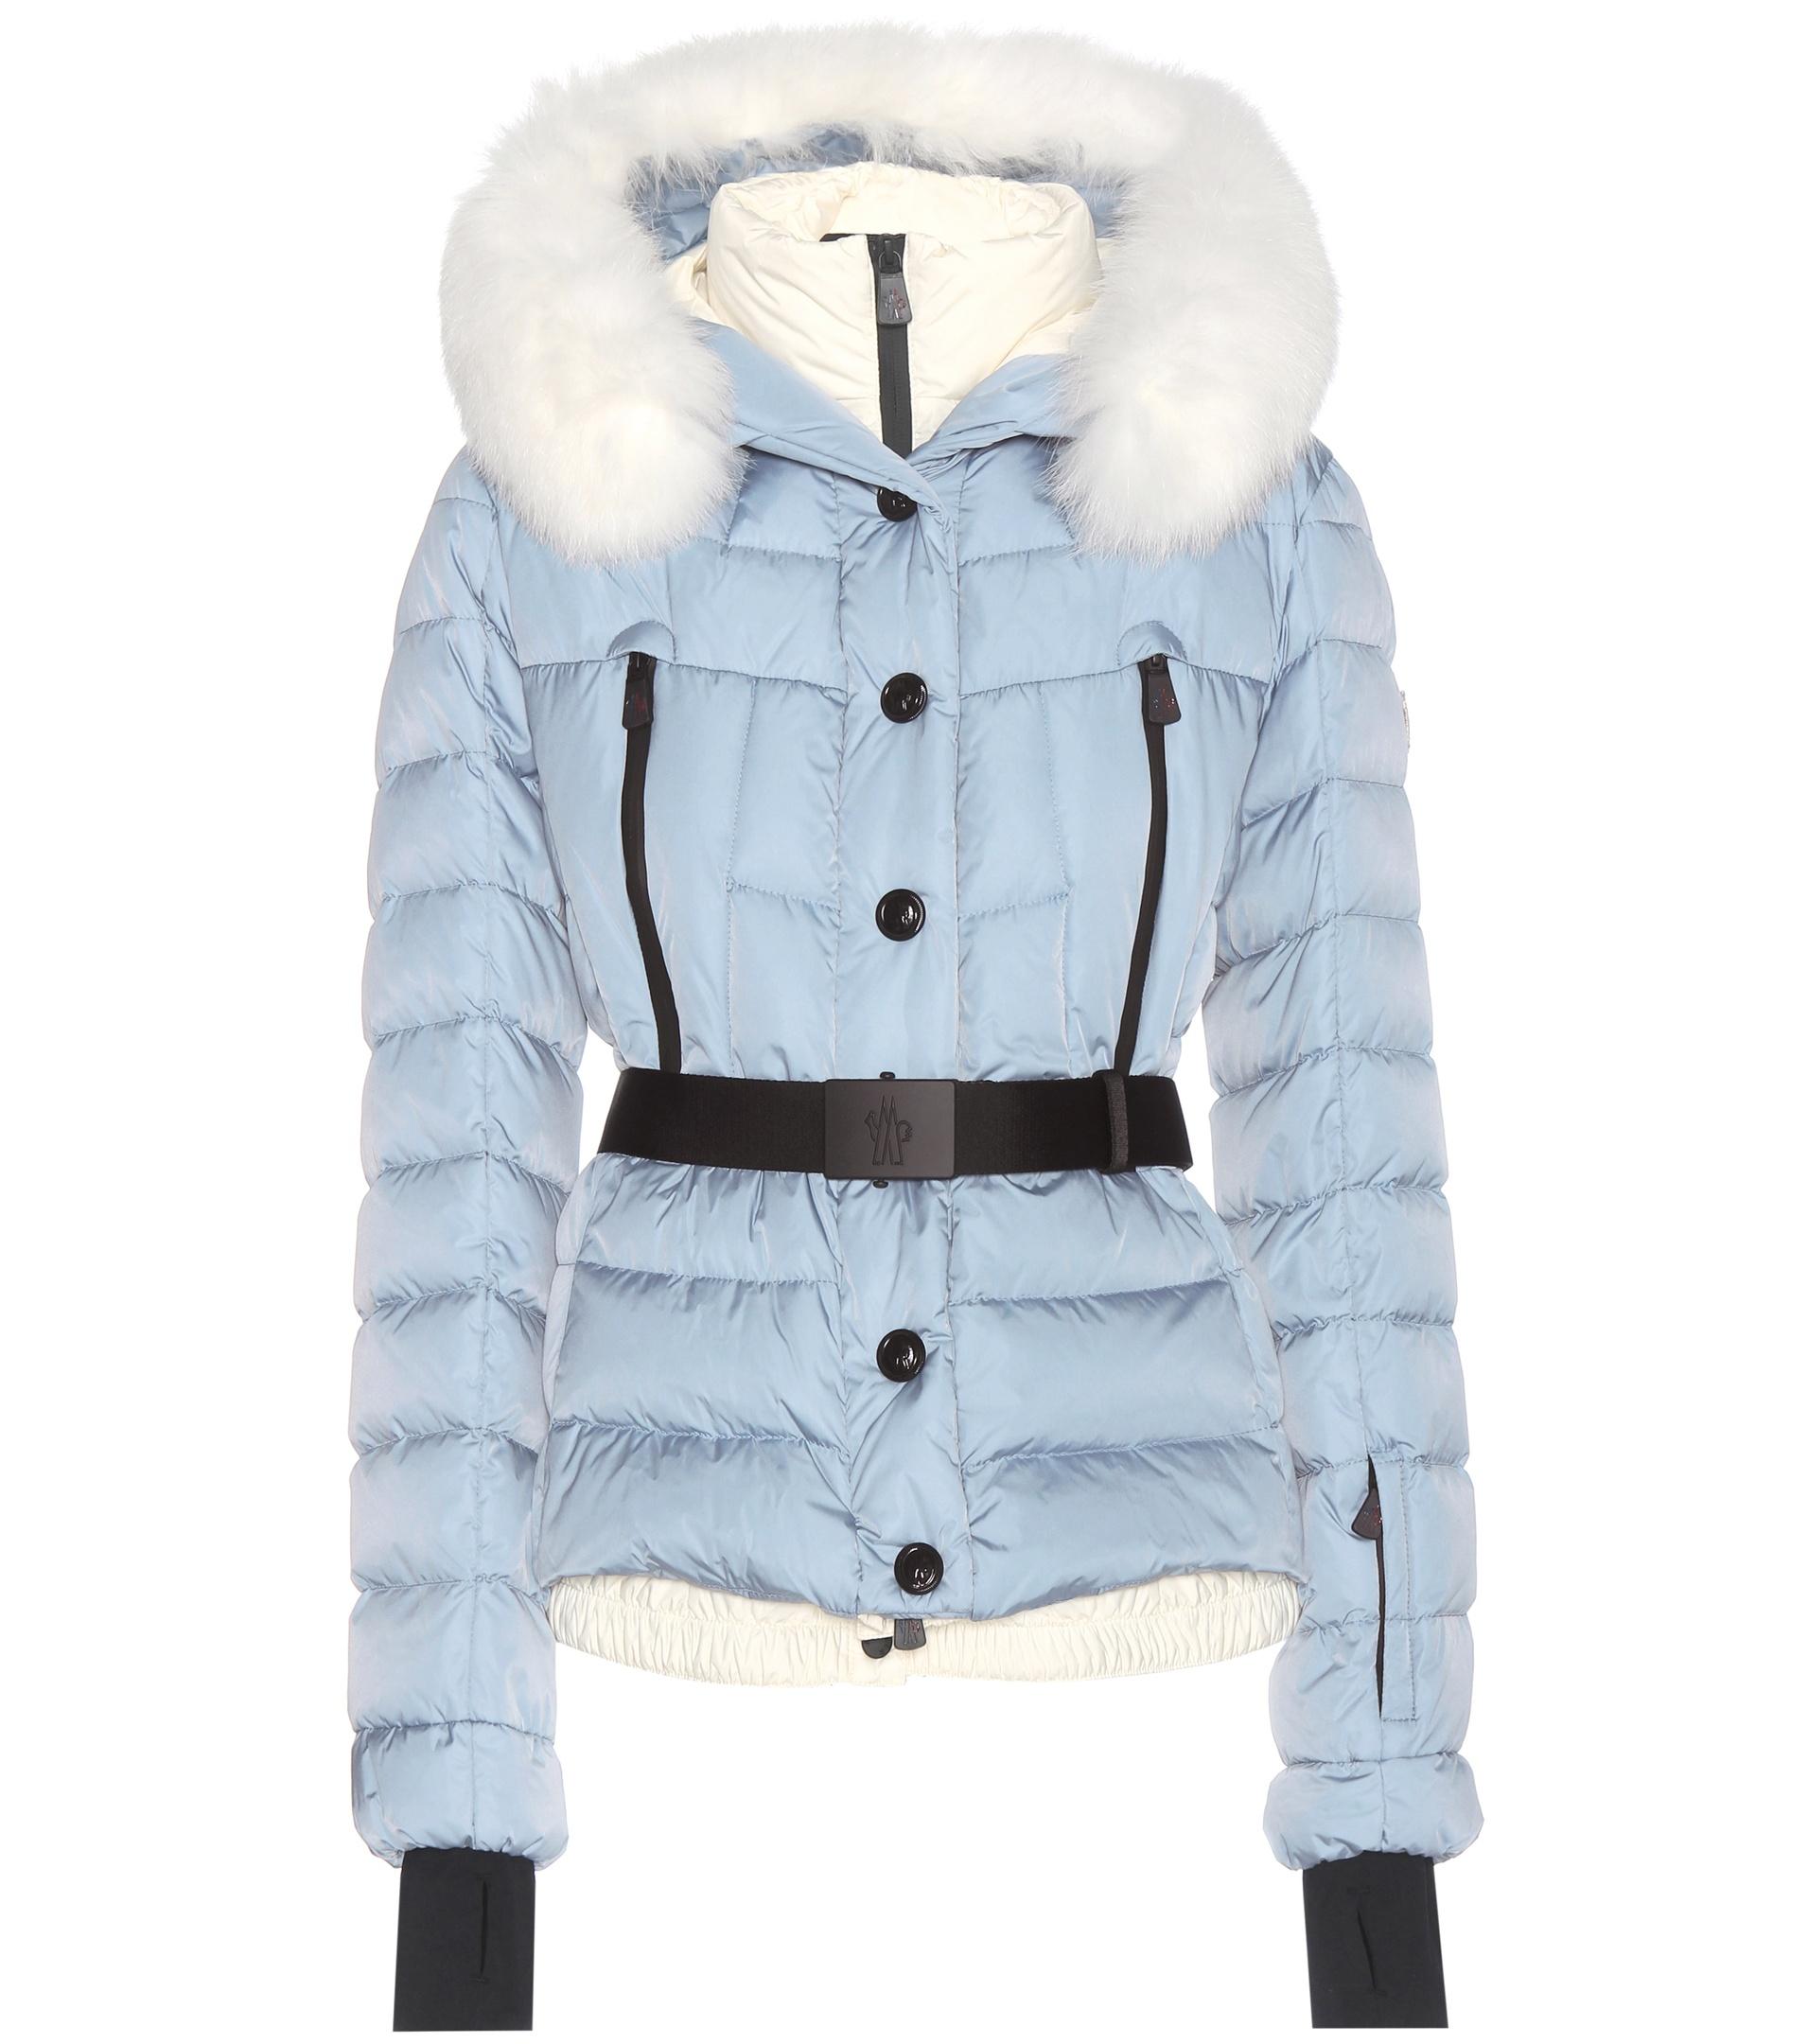 fb2b80ffe Moncler Grenoble Blue Beverley Fur-trimmed Down Jacket